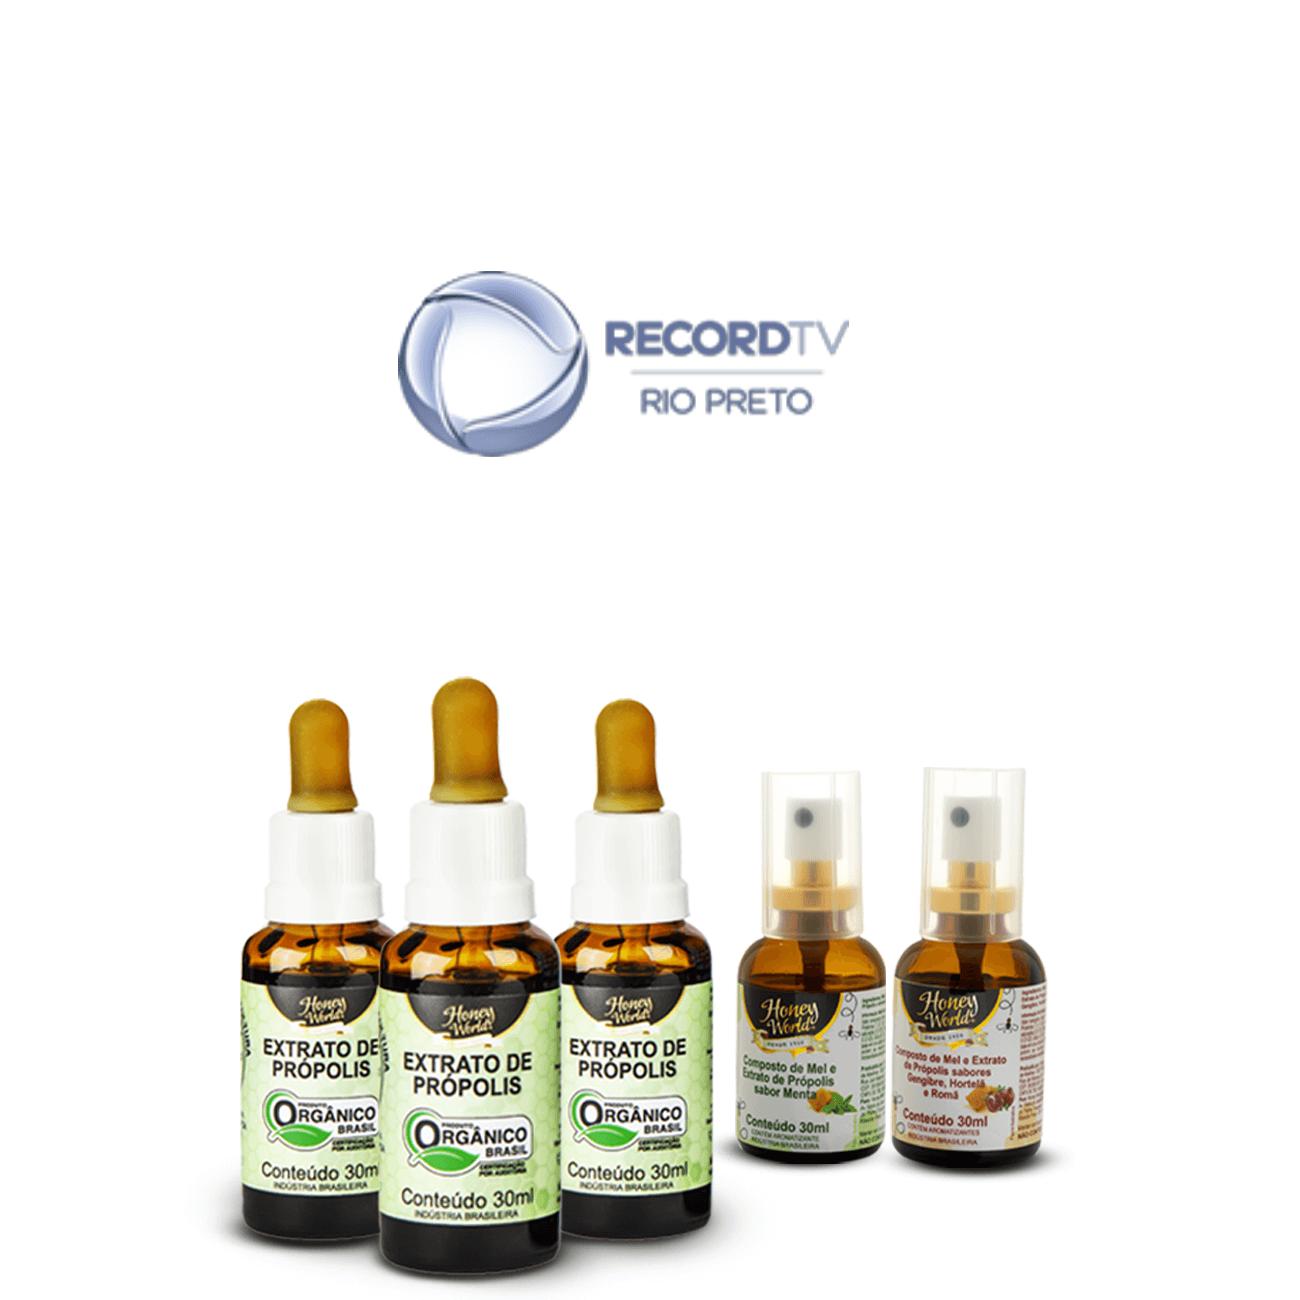 R1 - Extrato de Própolis Verde Alecrim Orgânico - Compre 3 Extrato e Ganhe 01 Spray